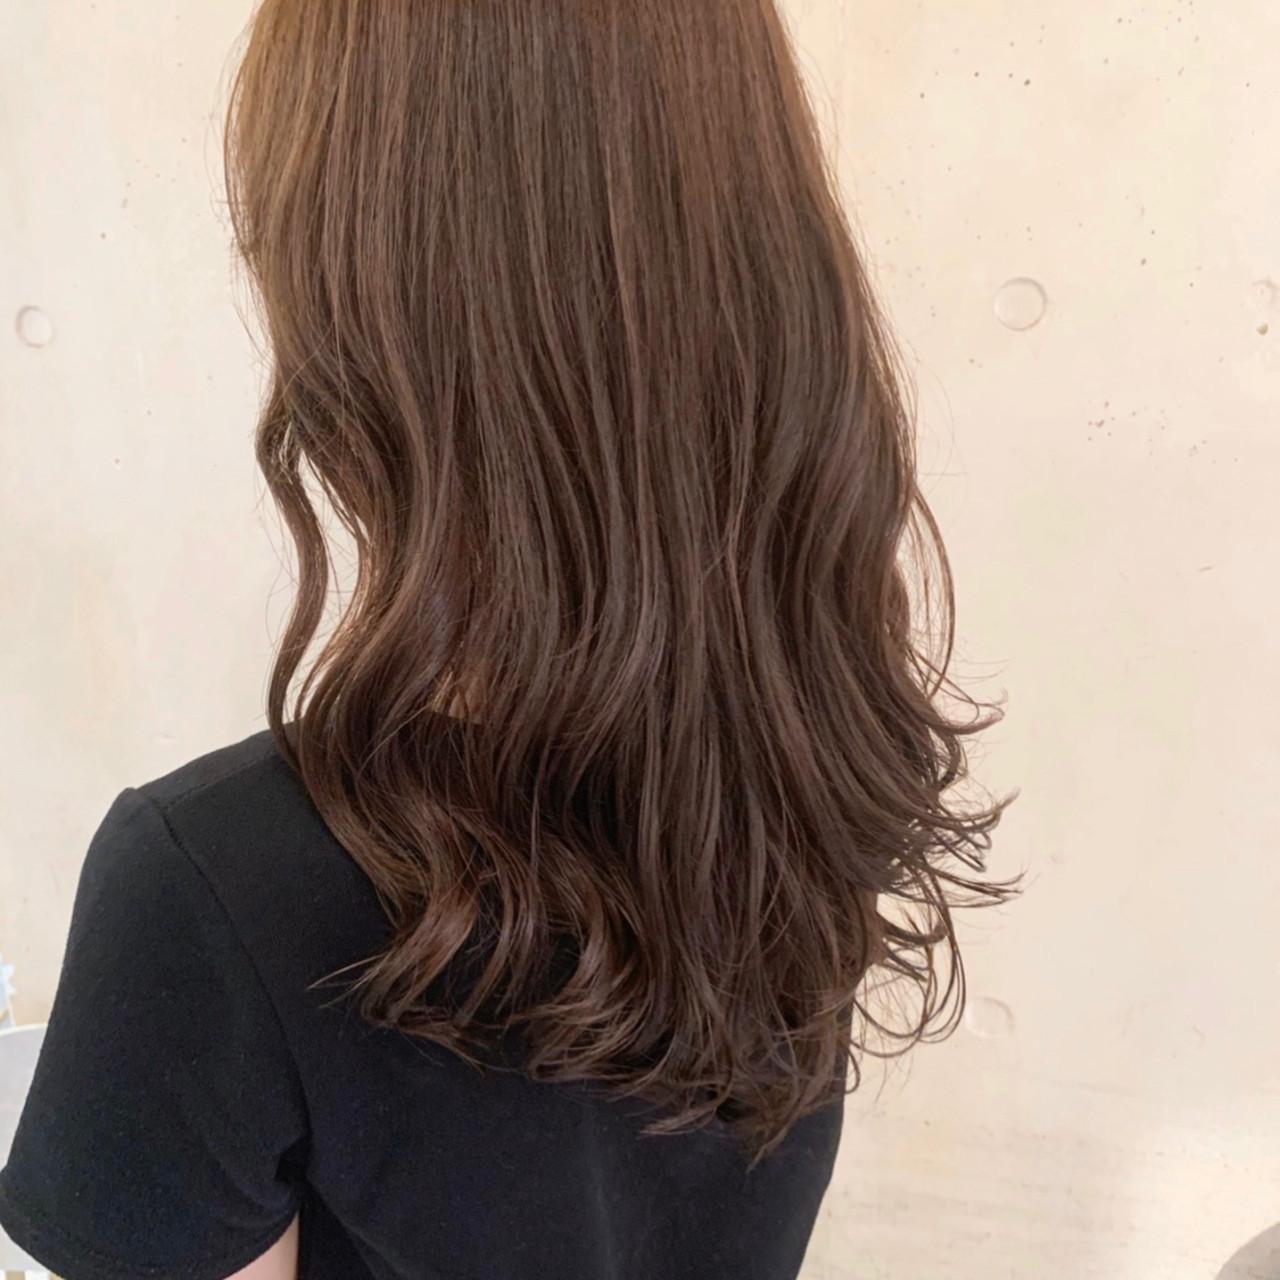 ゆるふわパーマ 大人かわいい レイヤーカット 波ウェーブ ヘアスタイルや髪型の写真・画像